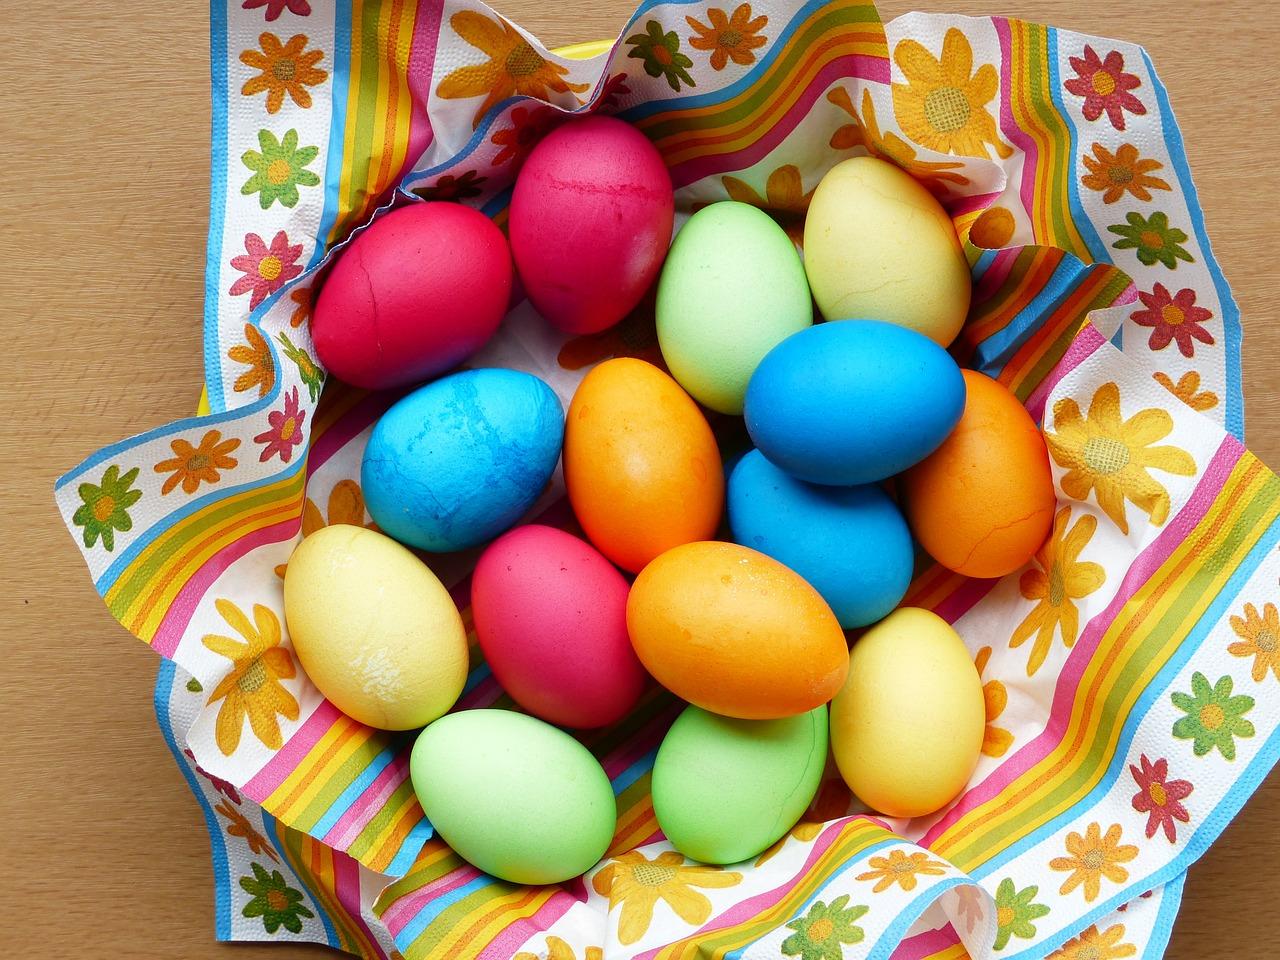 egg-100161_1280.jpg